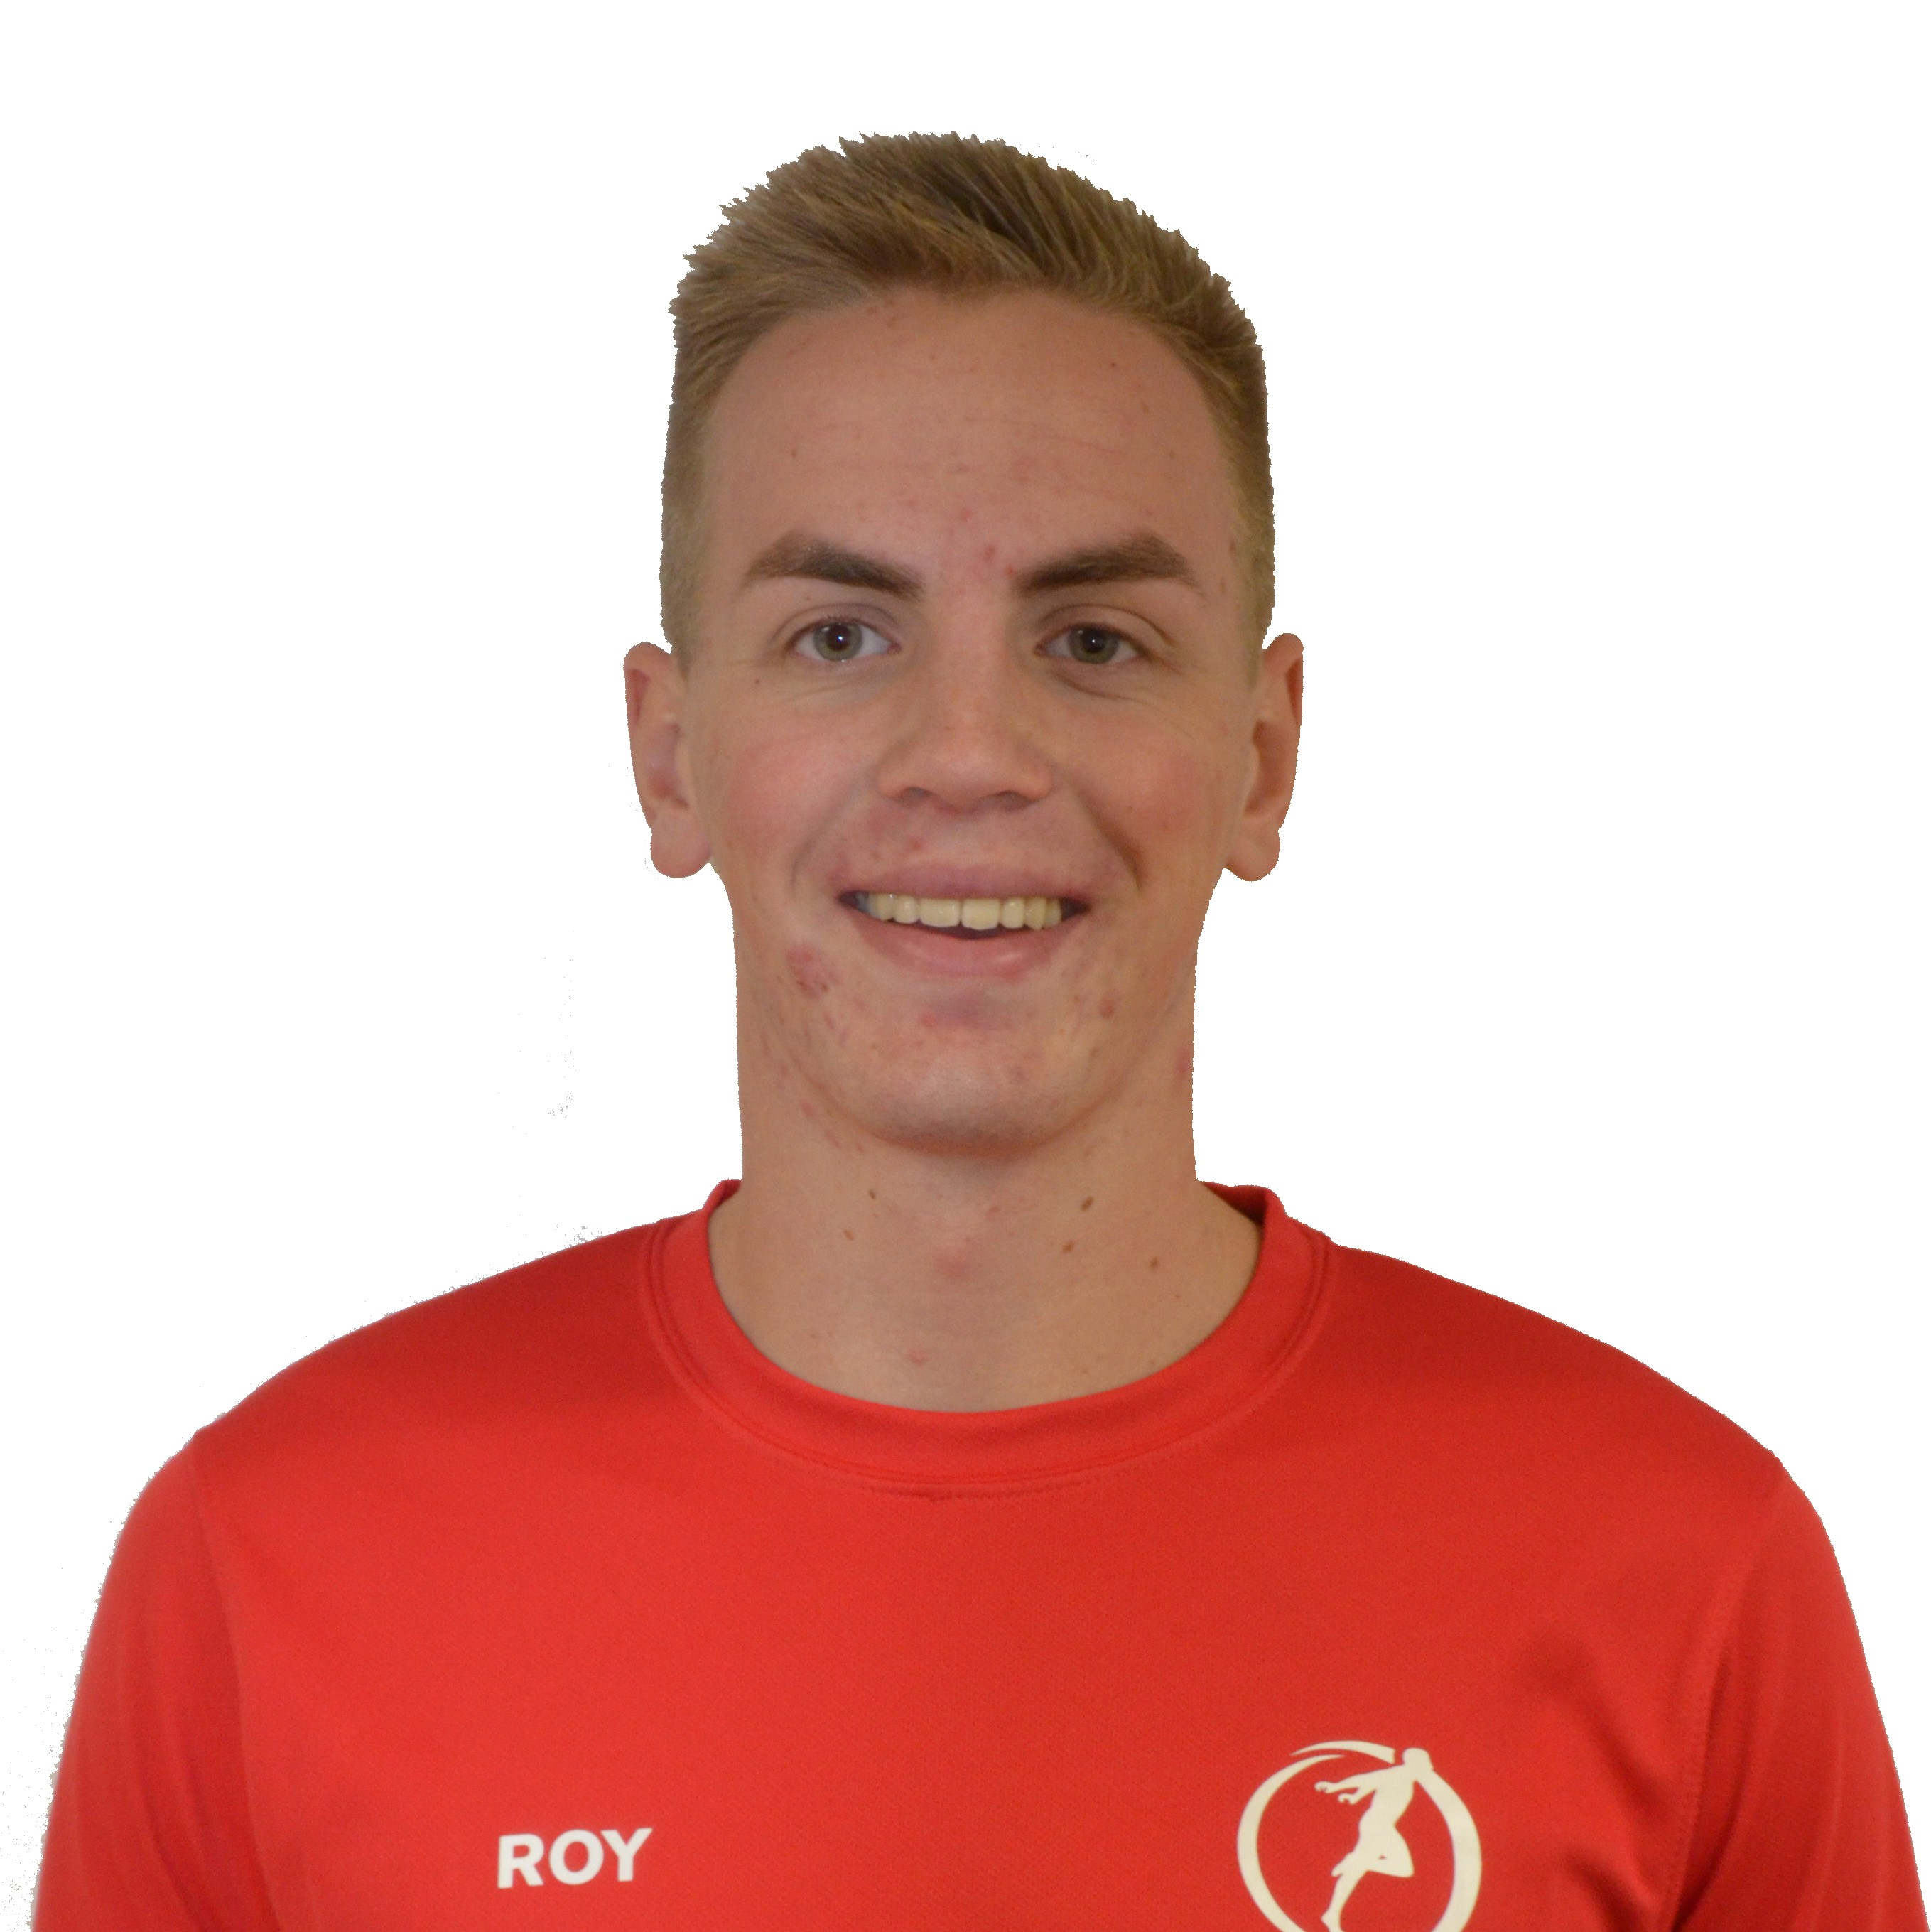 Roy van Os